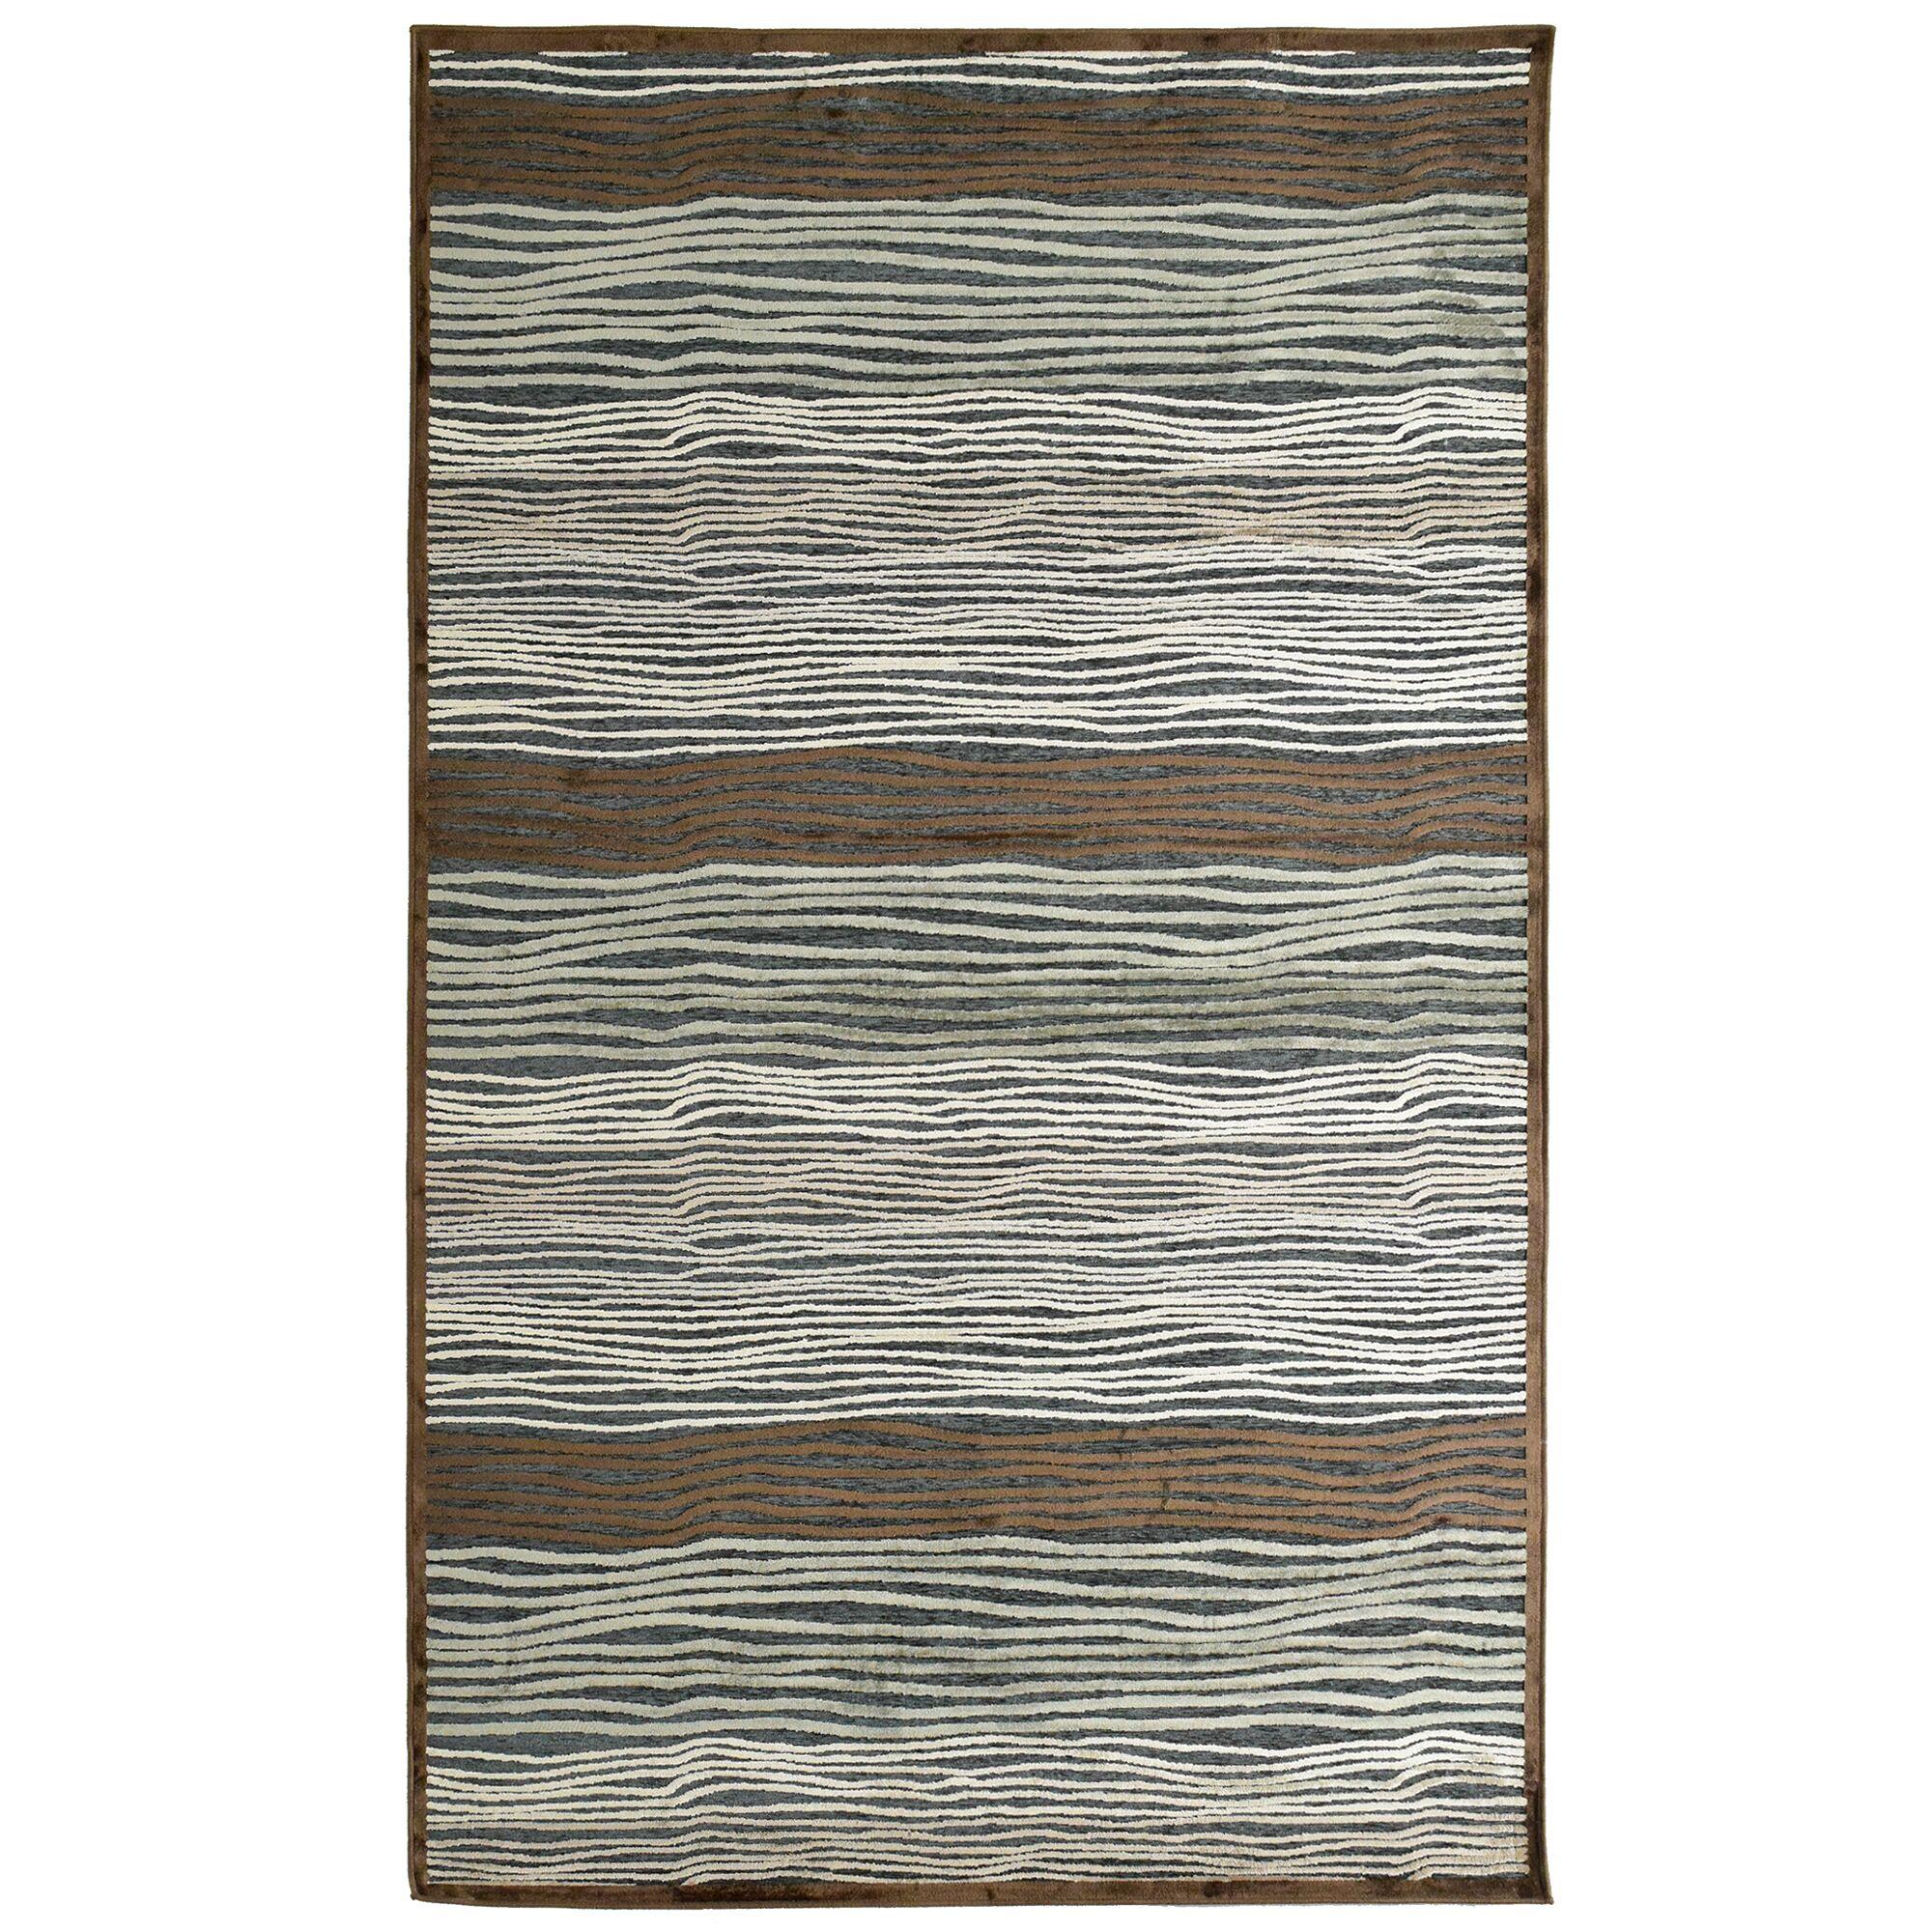 Ricardo Brown/Gray/Green Slate Rug Rug Size: 6'4